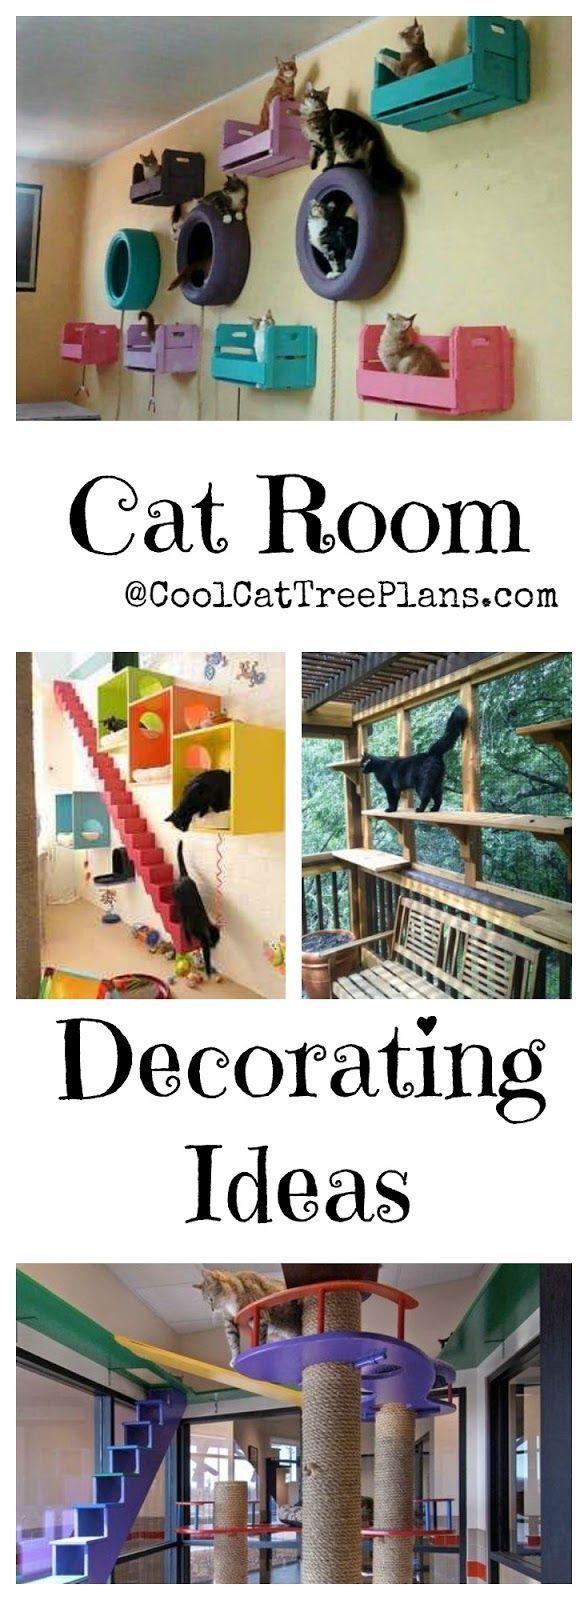 Katzenraumideen für Häuser aller Größen, ob enorme Villen, kleine Häuser oder